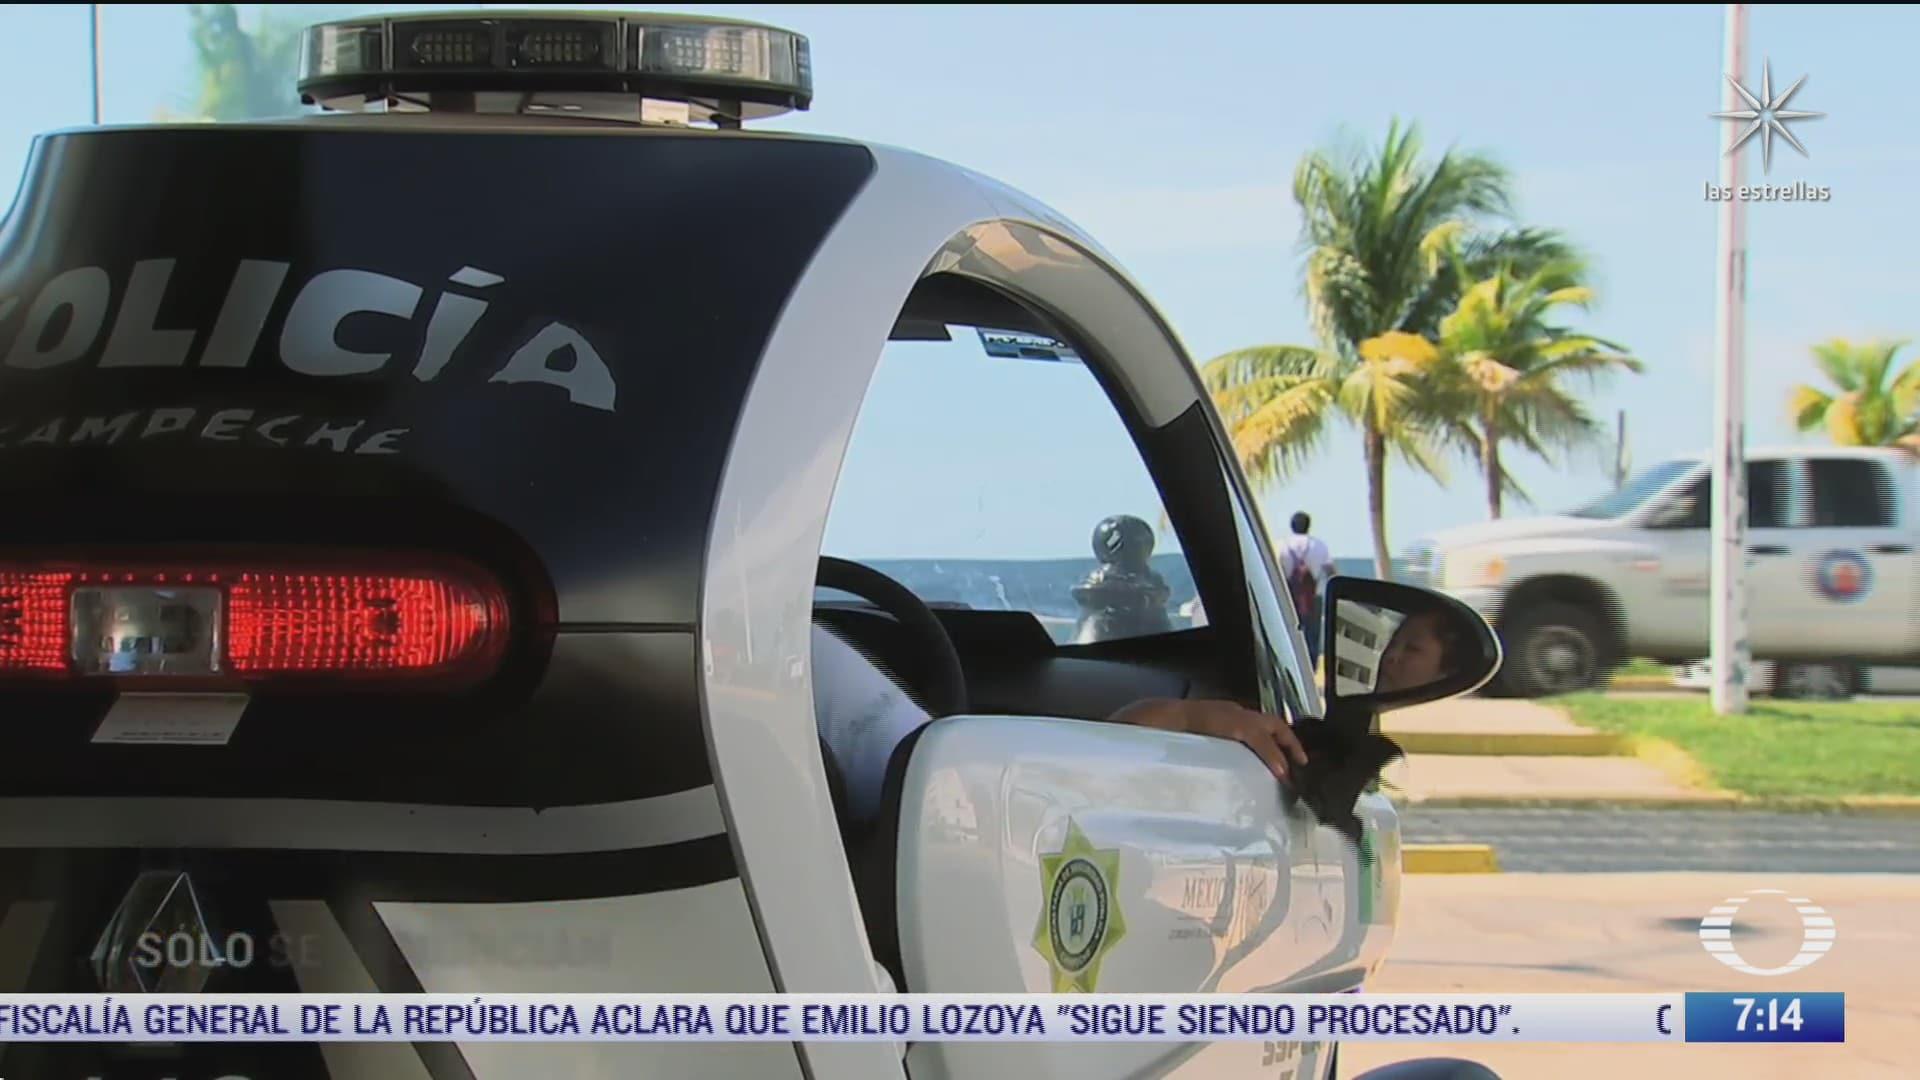 policias en campeche no realizan labores de seguridad